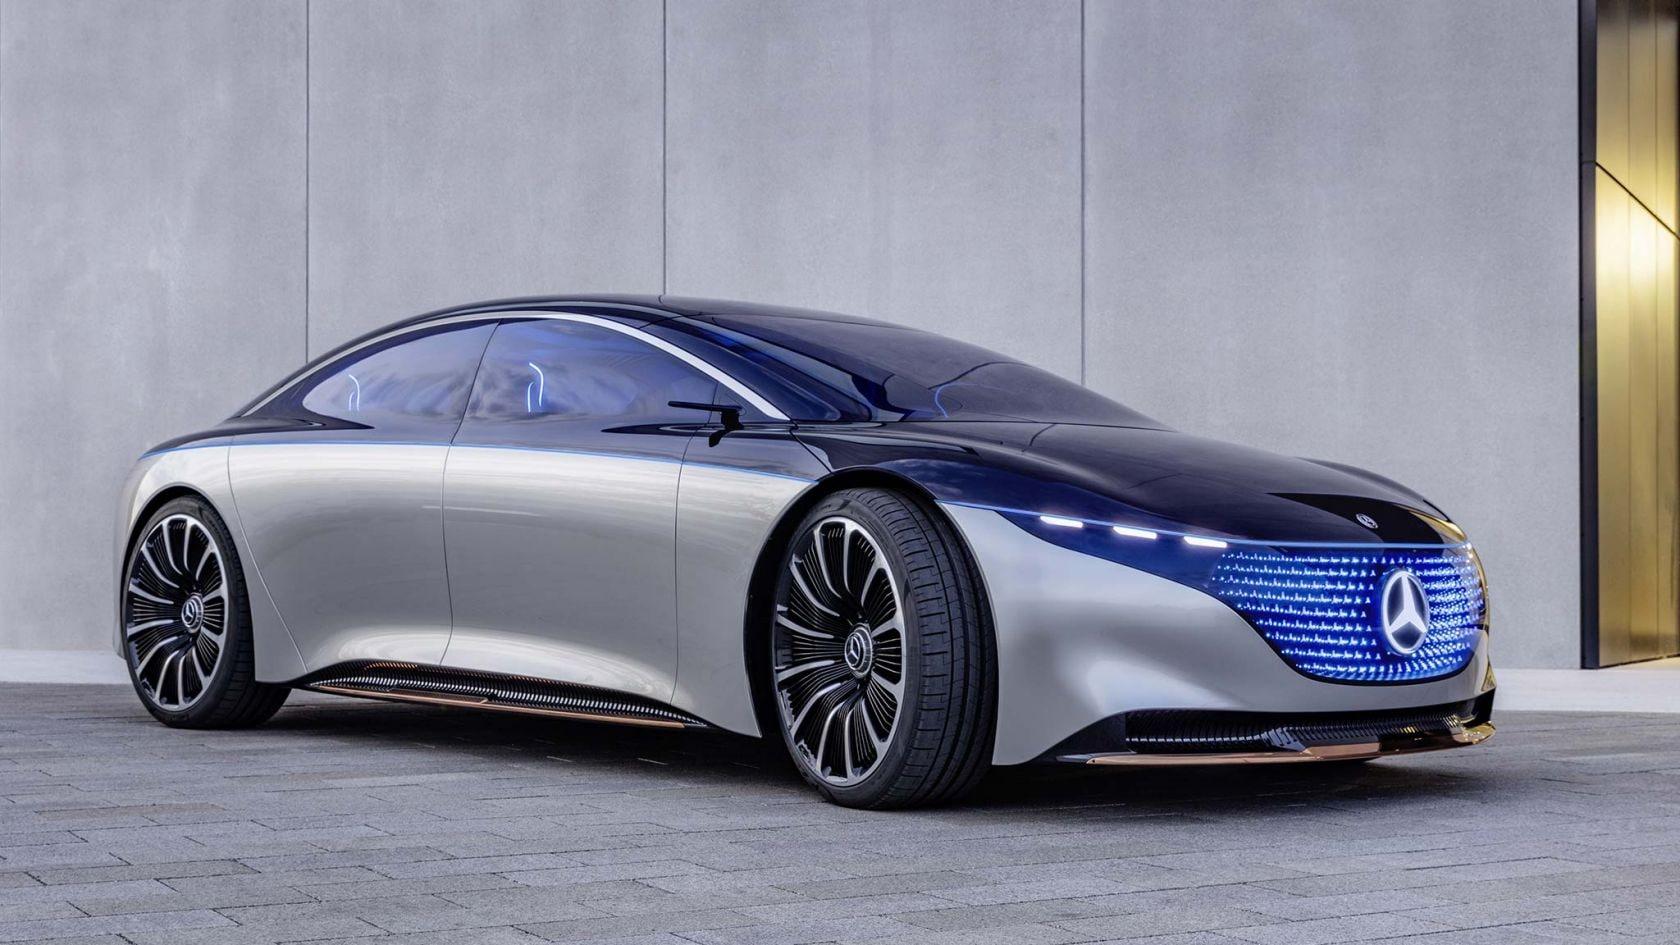 Mercedes: le sportive future saranno elettriche, arriva la conferma ufficiale - MBenz.it